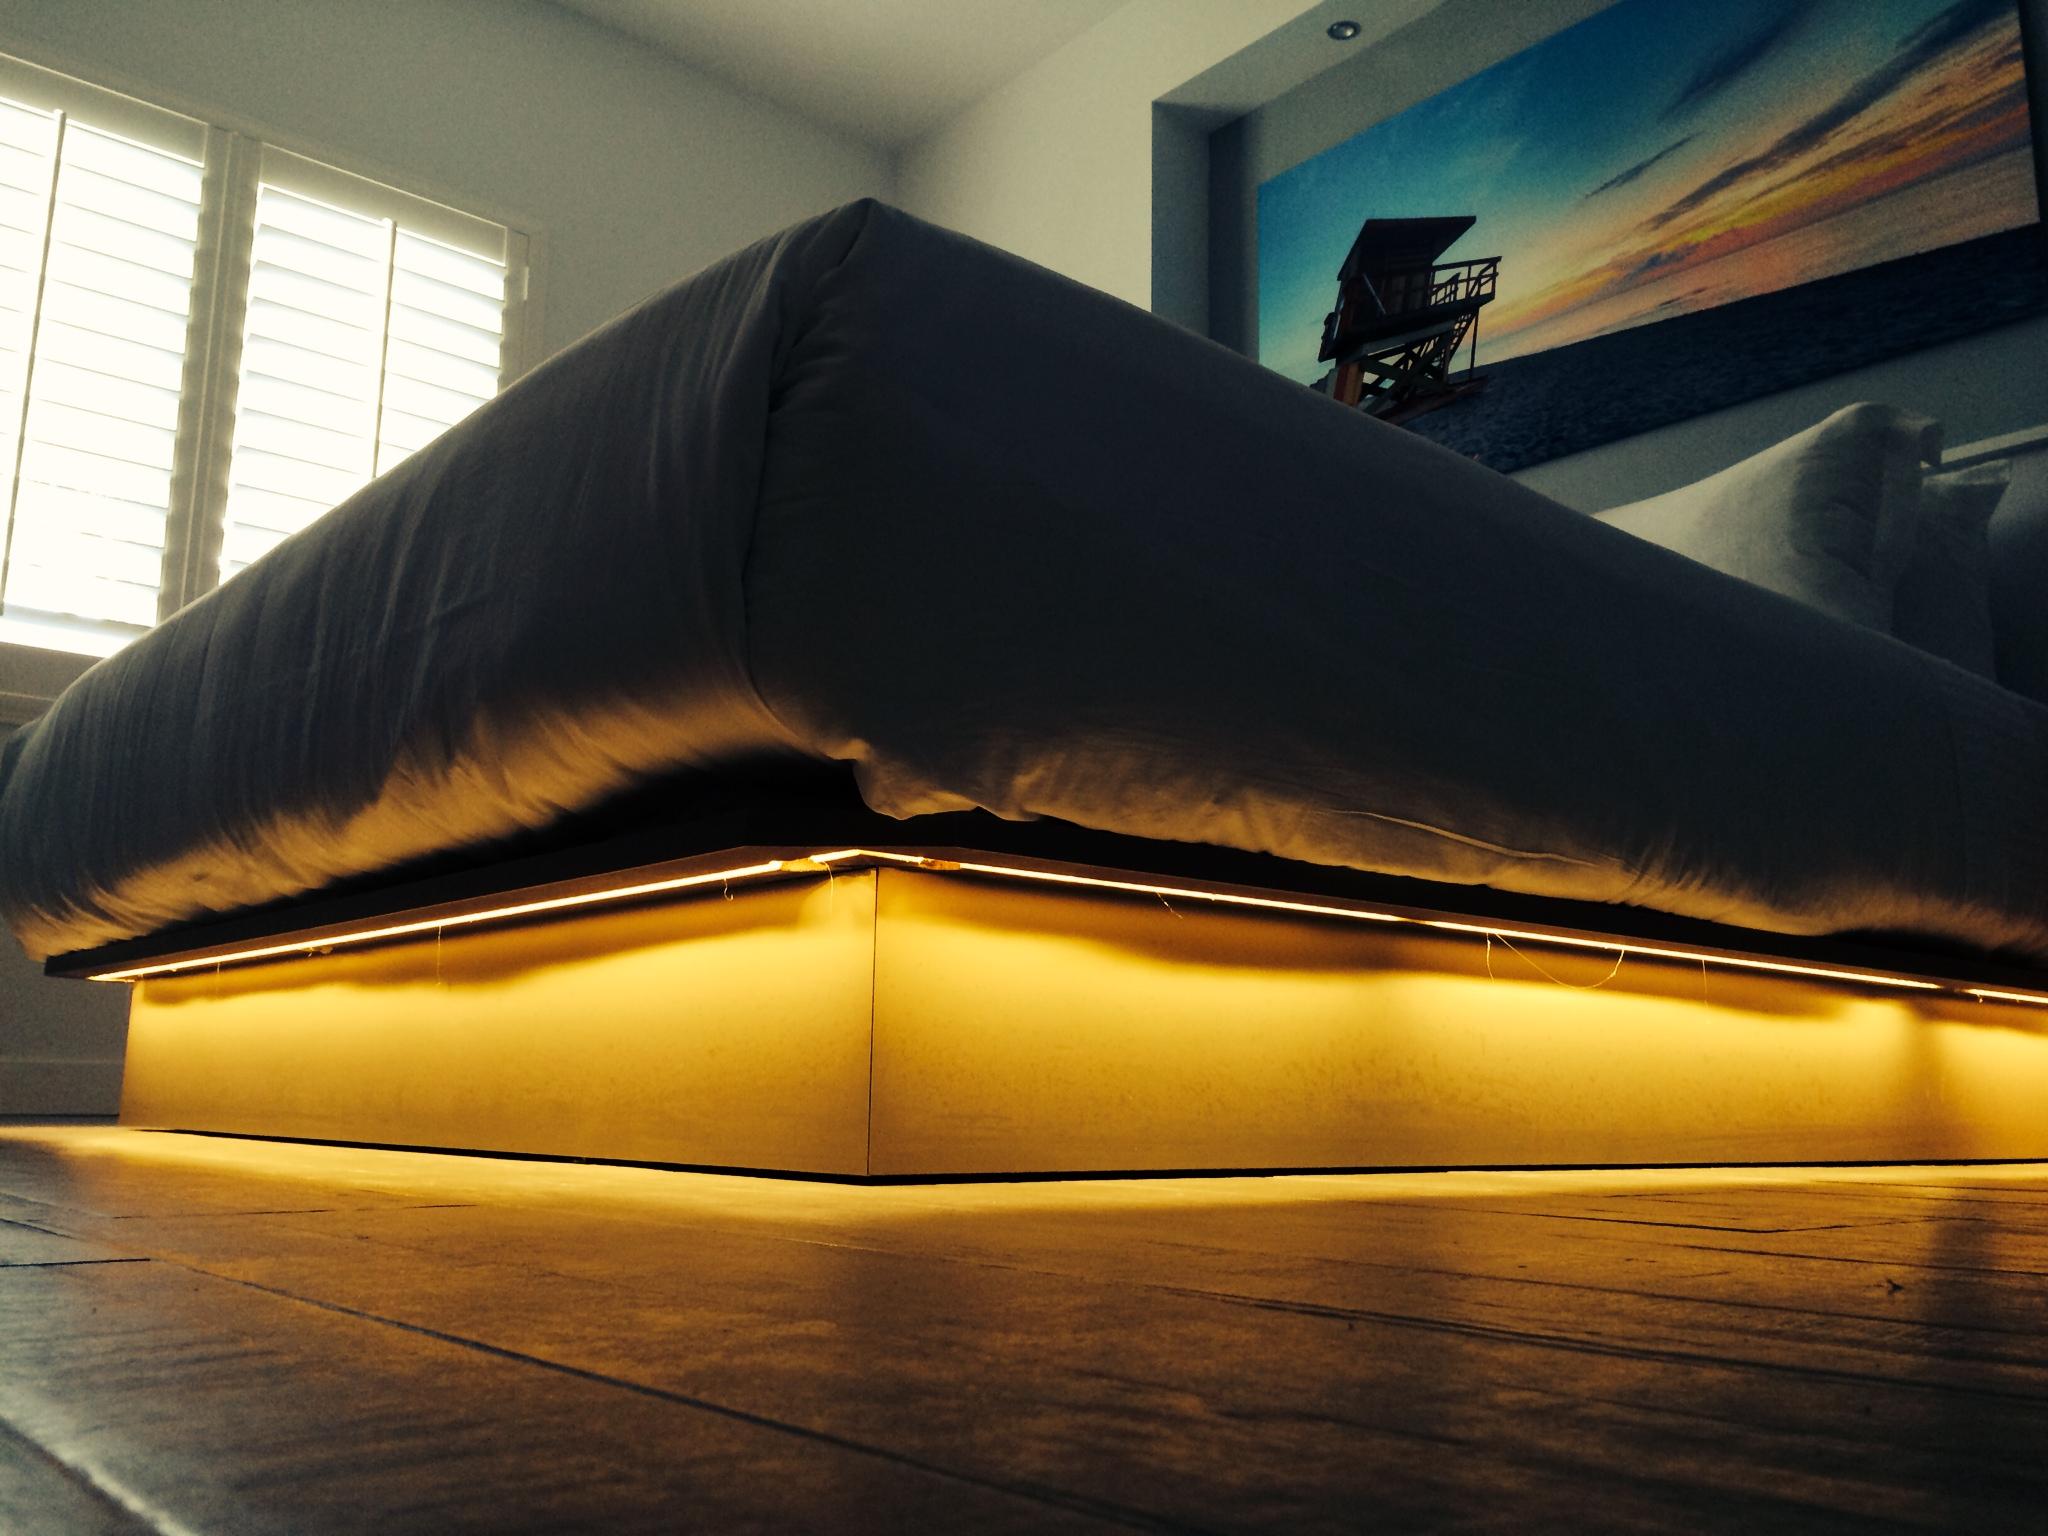 bed lights.JPG